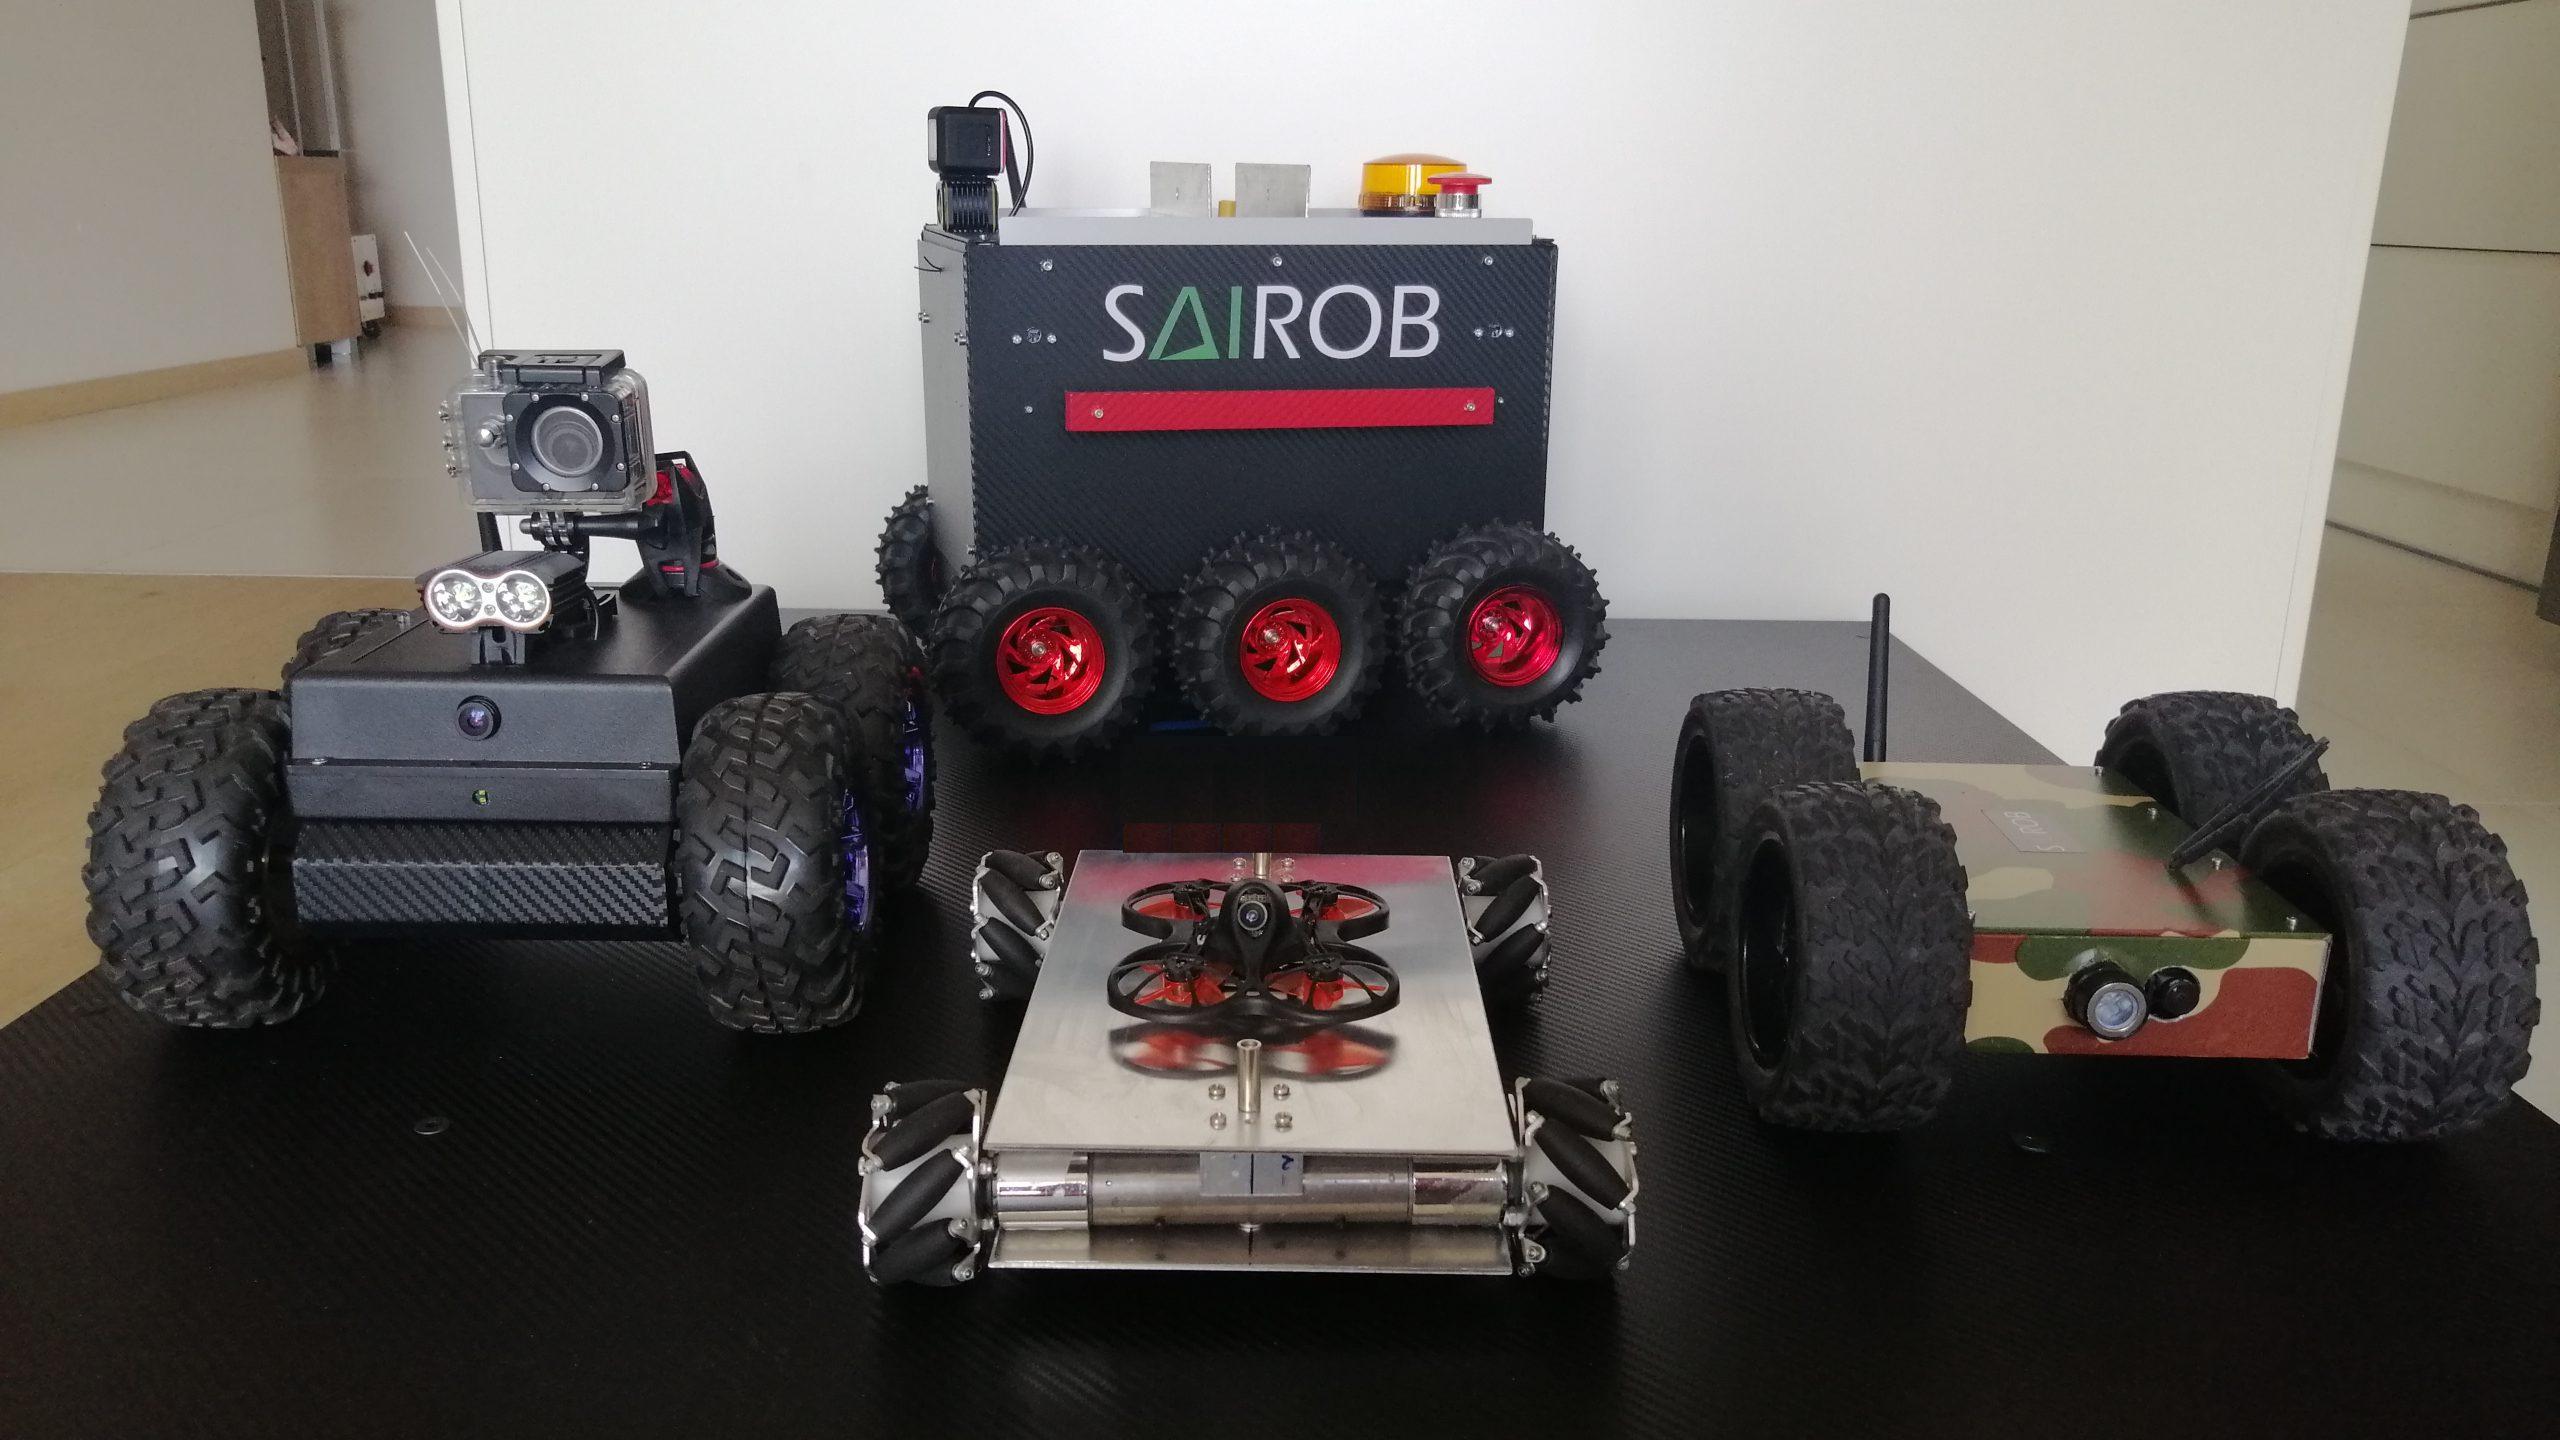 Sairob team